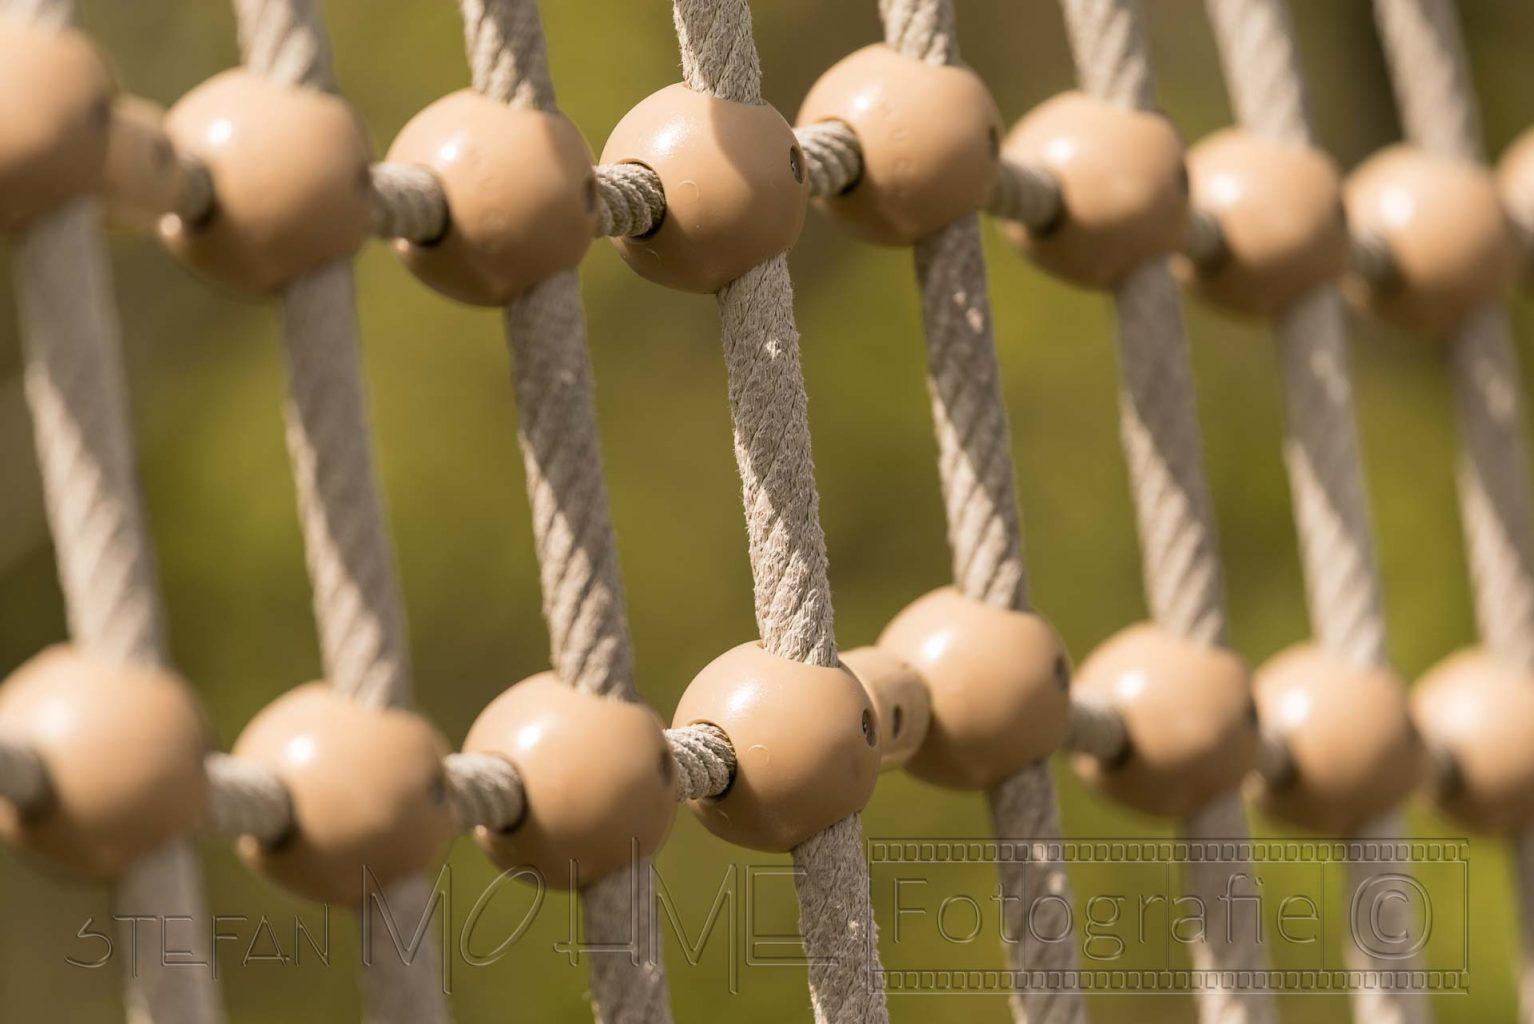 Seil,rund,kugel,details,nahaufnahme